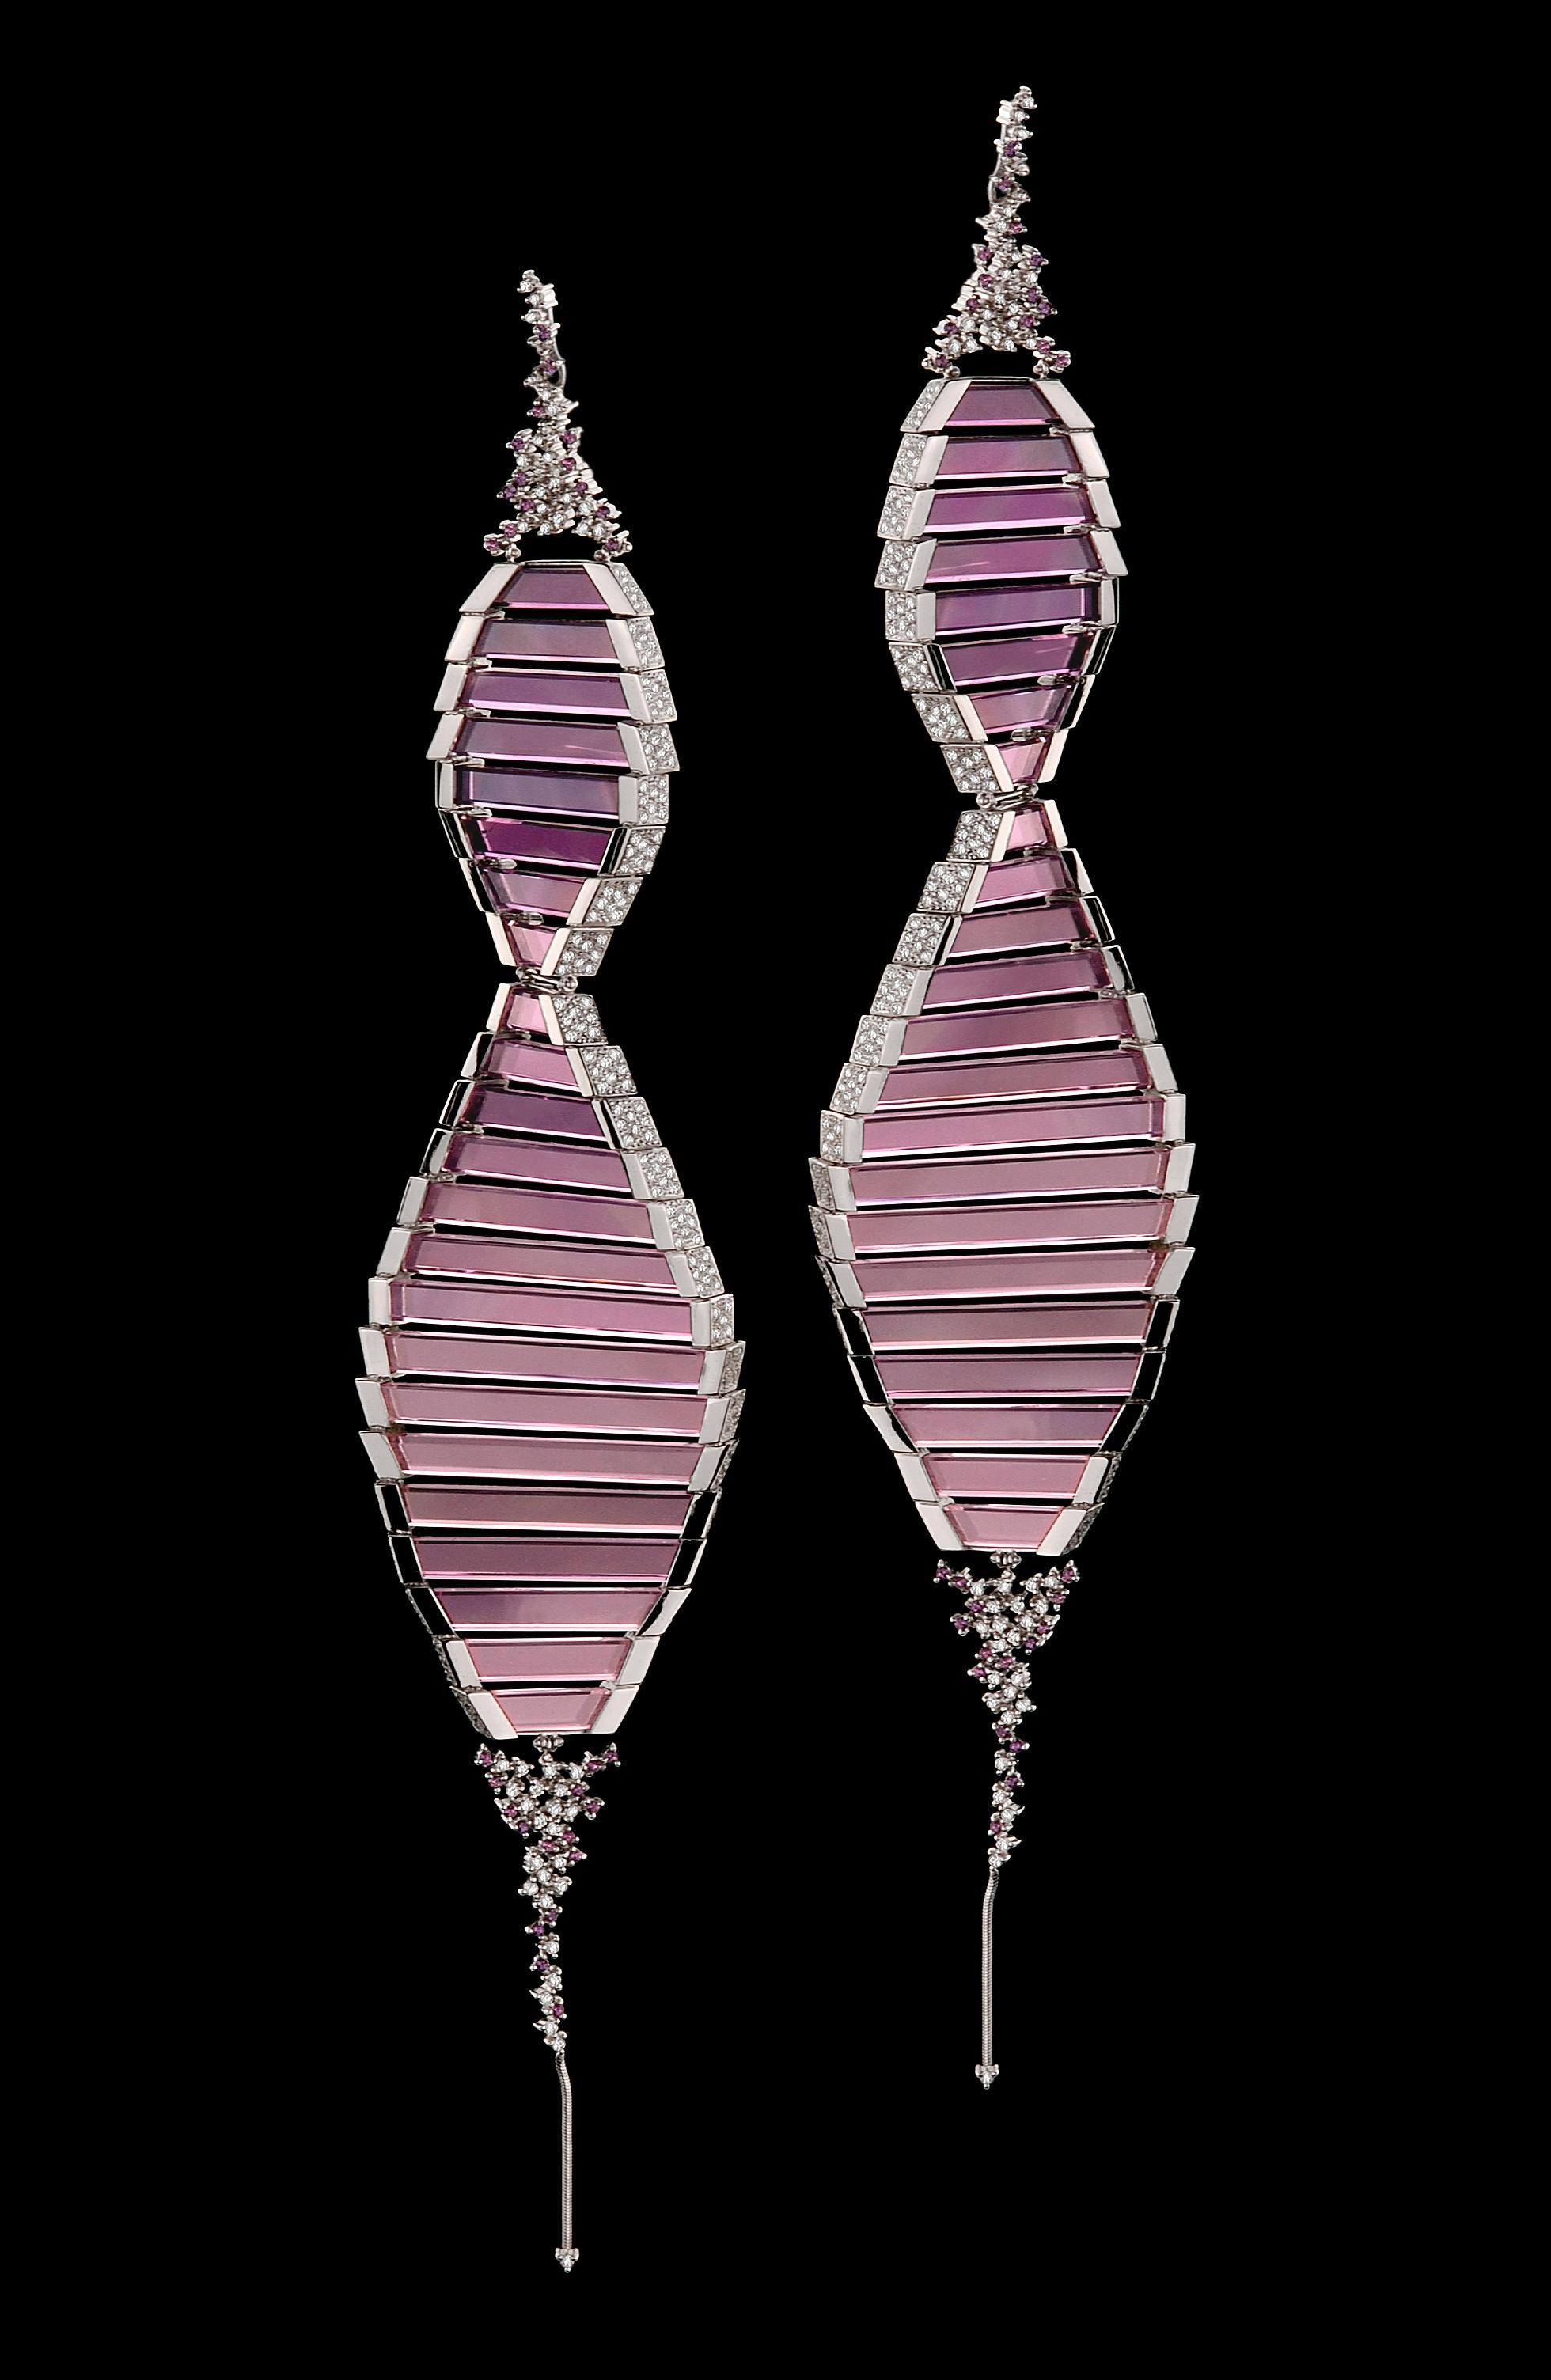 香港国际珠宝展 - 「国际珠宝设计大奖」首度于香港